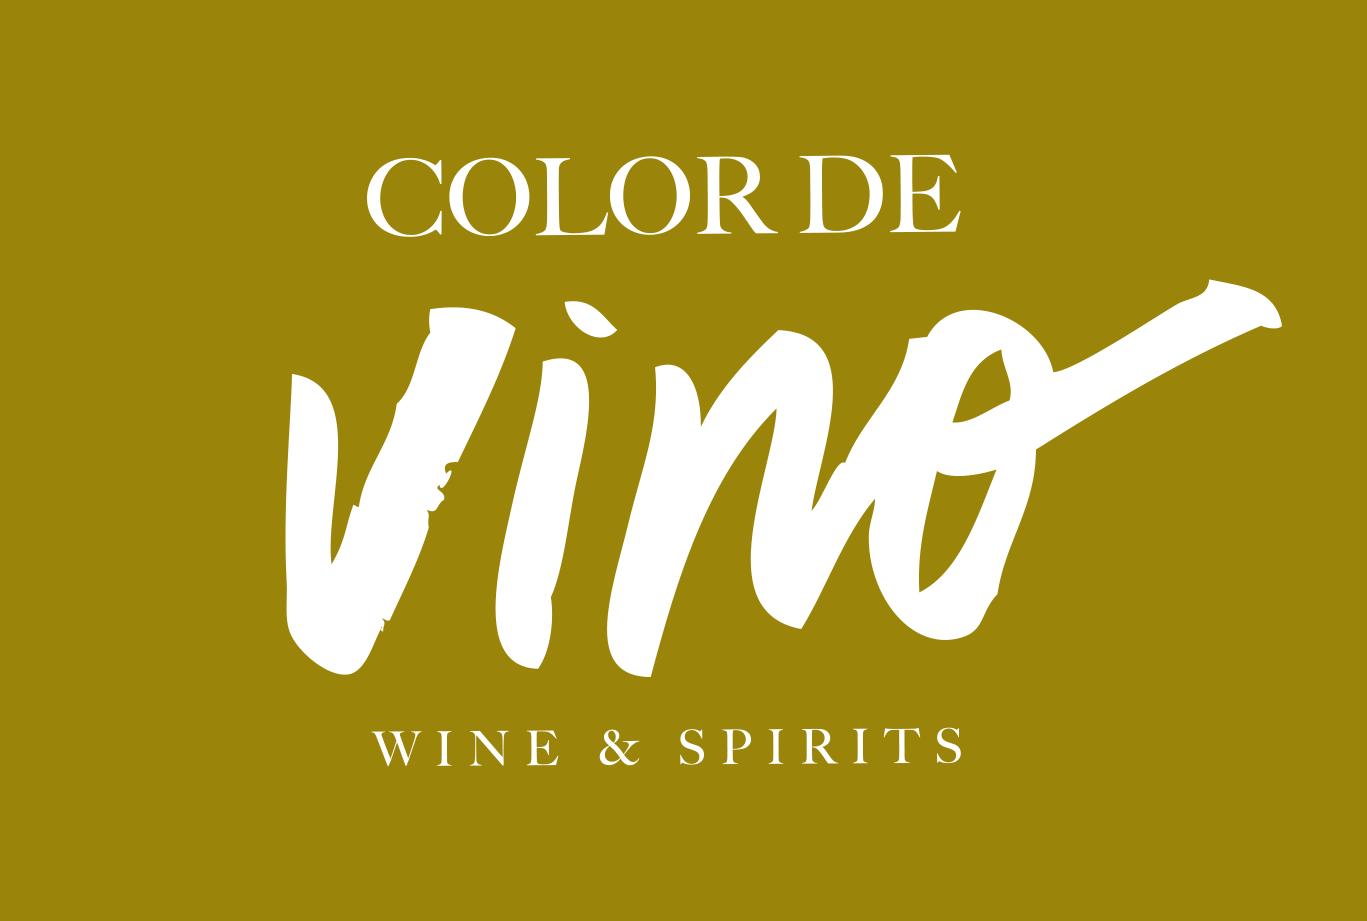 Color de vino.png